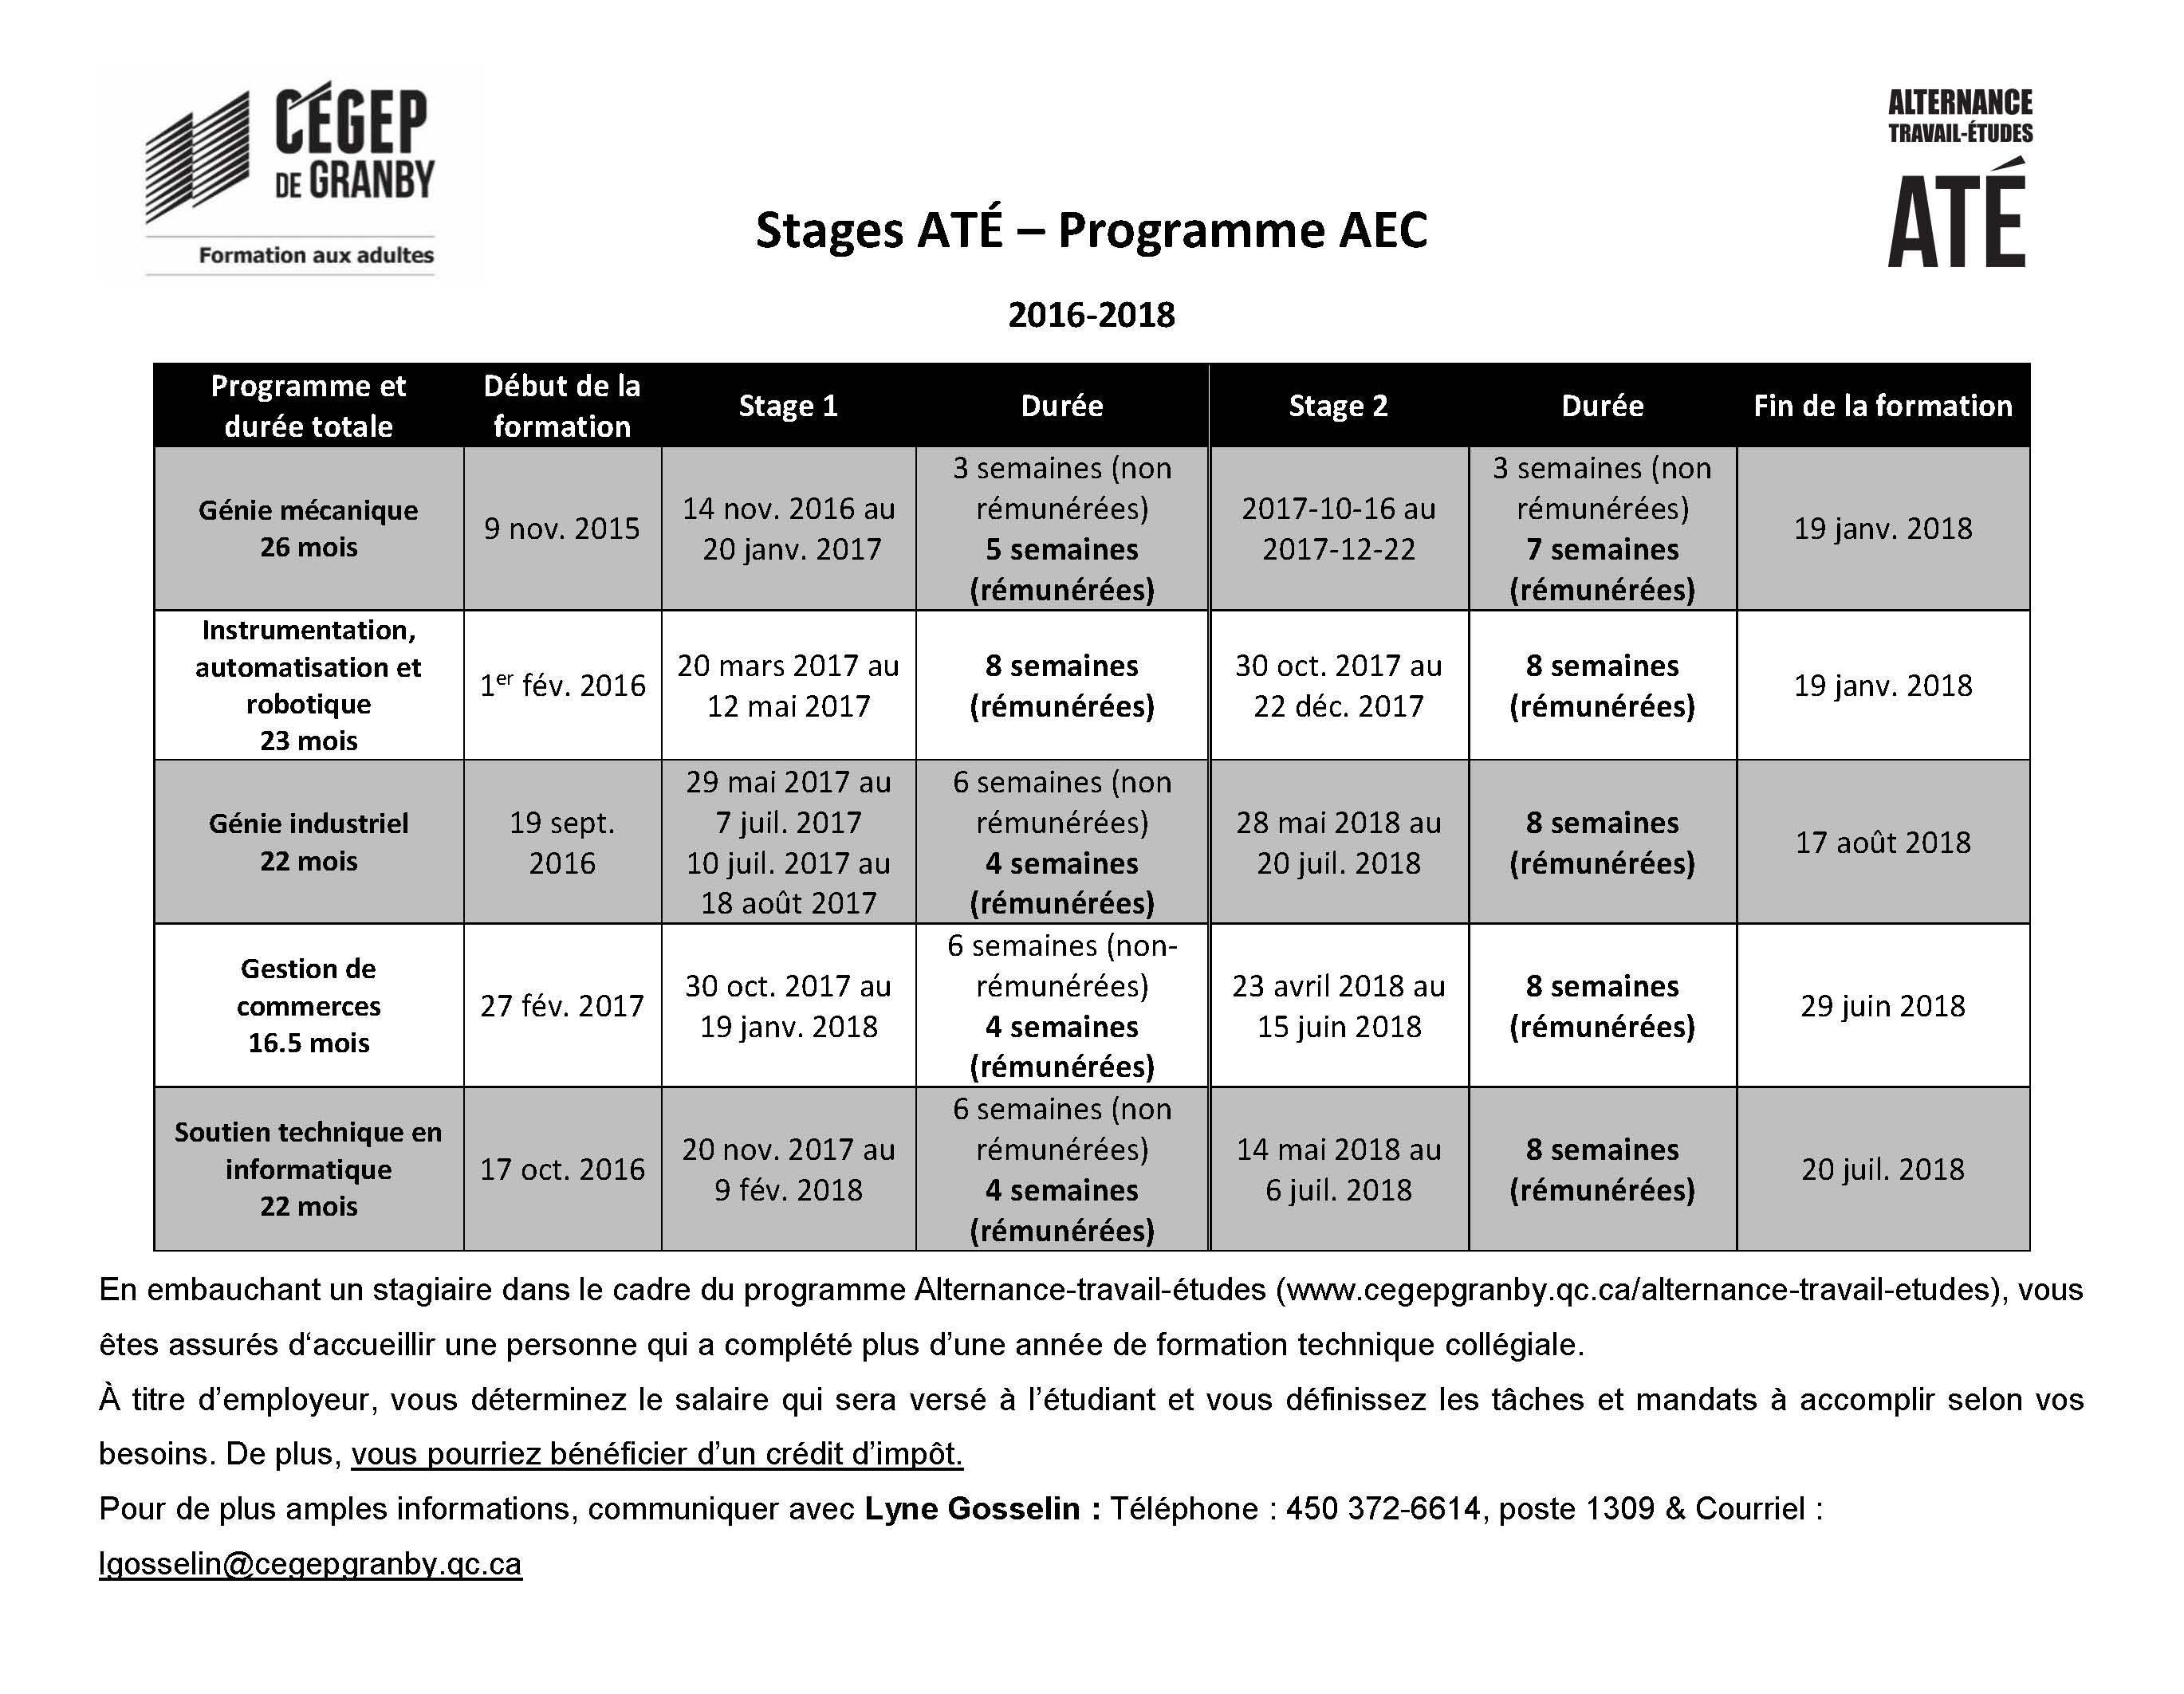 Stages ATÉ SFA_2016-2018